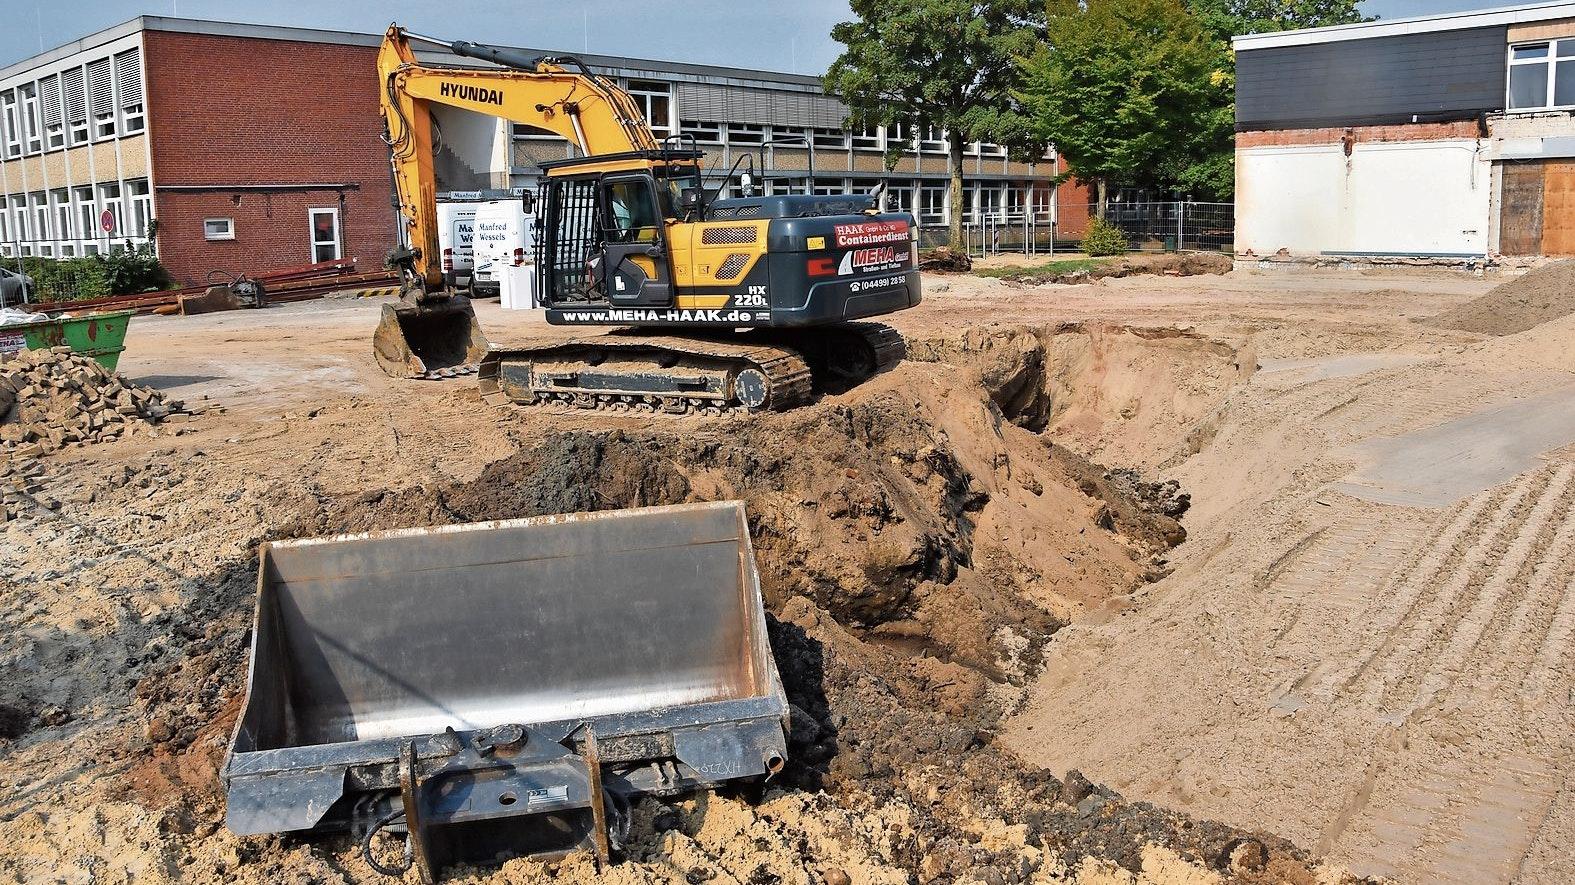 Die Bauarbeiten laufen: Der alte Gebäudeteil zwischen der bestehenden Realschule und der künftigen Ludgerischule wurde bereits abgerissen. Ein neuer Verbindungstrakt soll unter anderem eine gemeinsame Mensa beherbergen. Foto: Claudia Wimberg